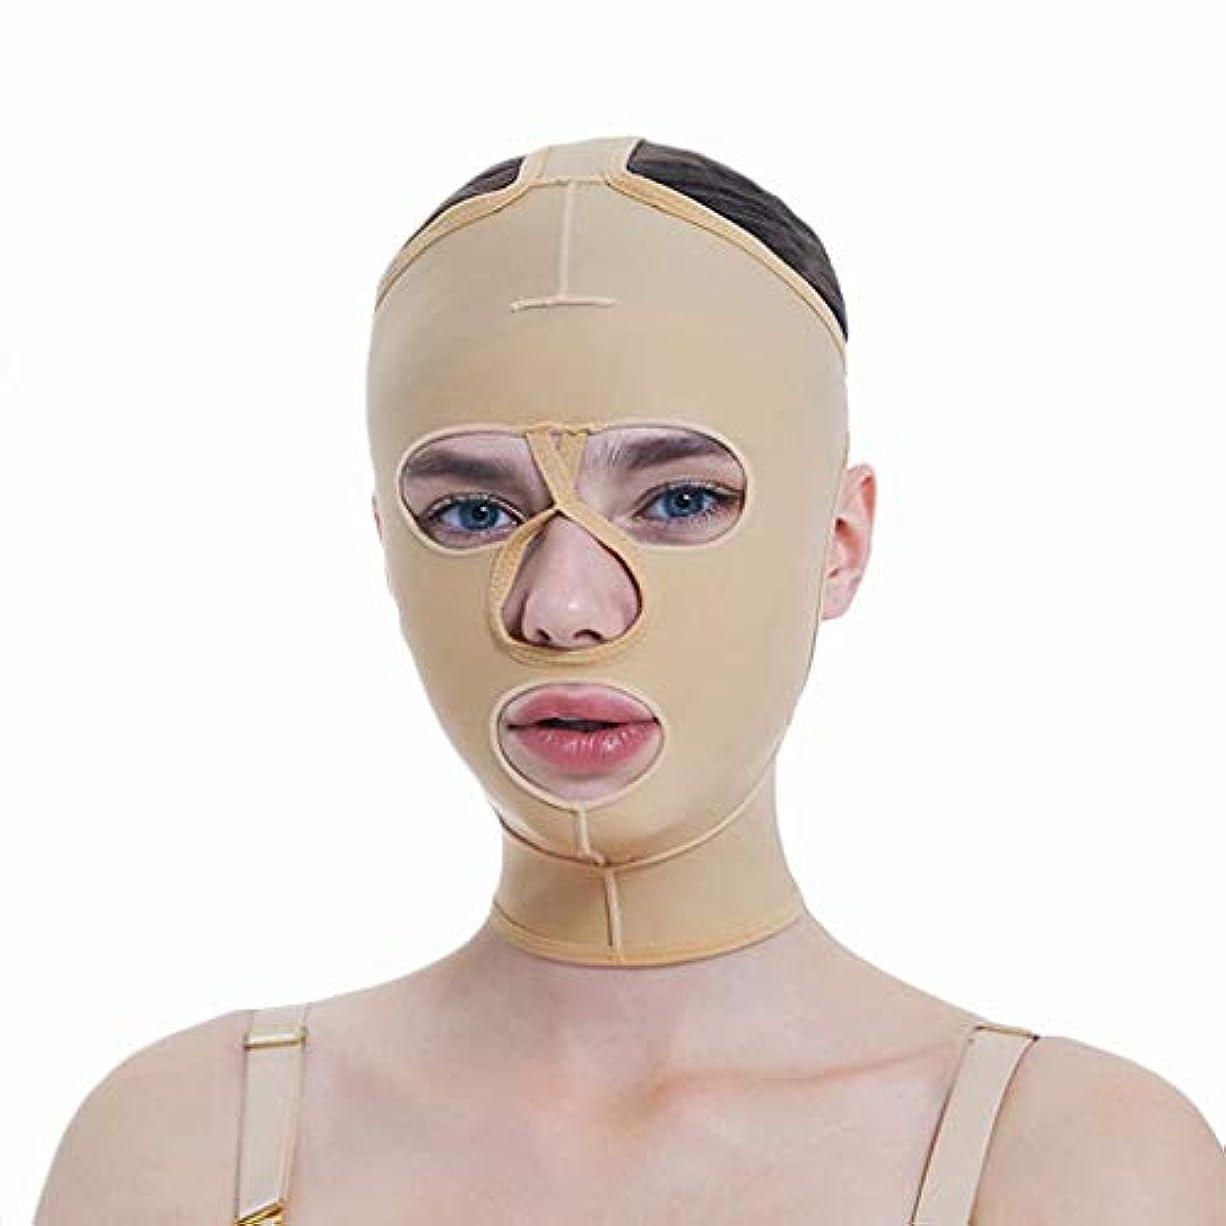 現れる知る申請者フェイシャル減量マスク、フルカバレッジ包帯、フルフェイスリフティングマスク、フェイスマスク、快適で リフティングシェーピング(サイズ:S),XL